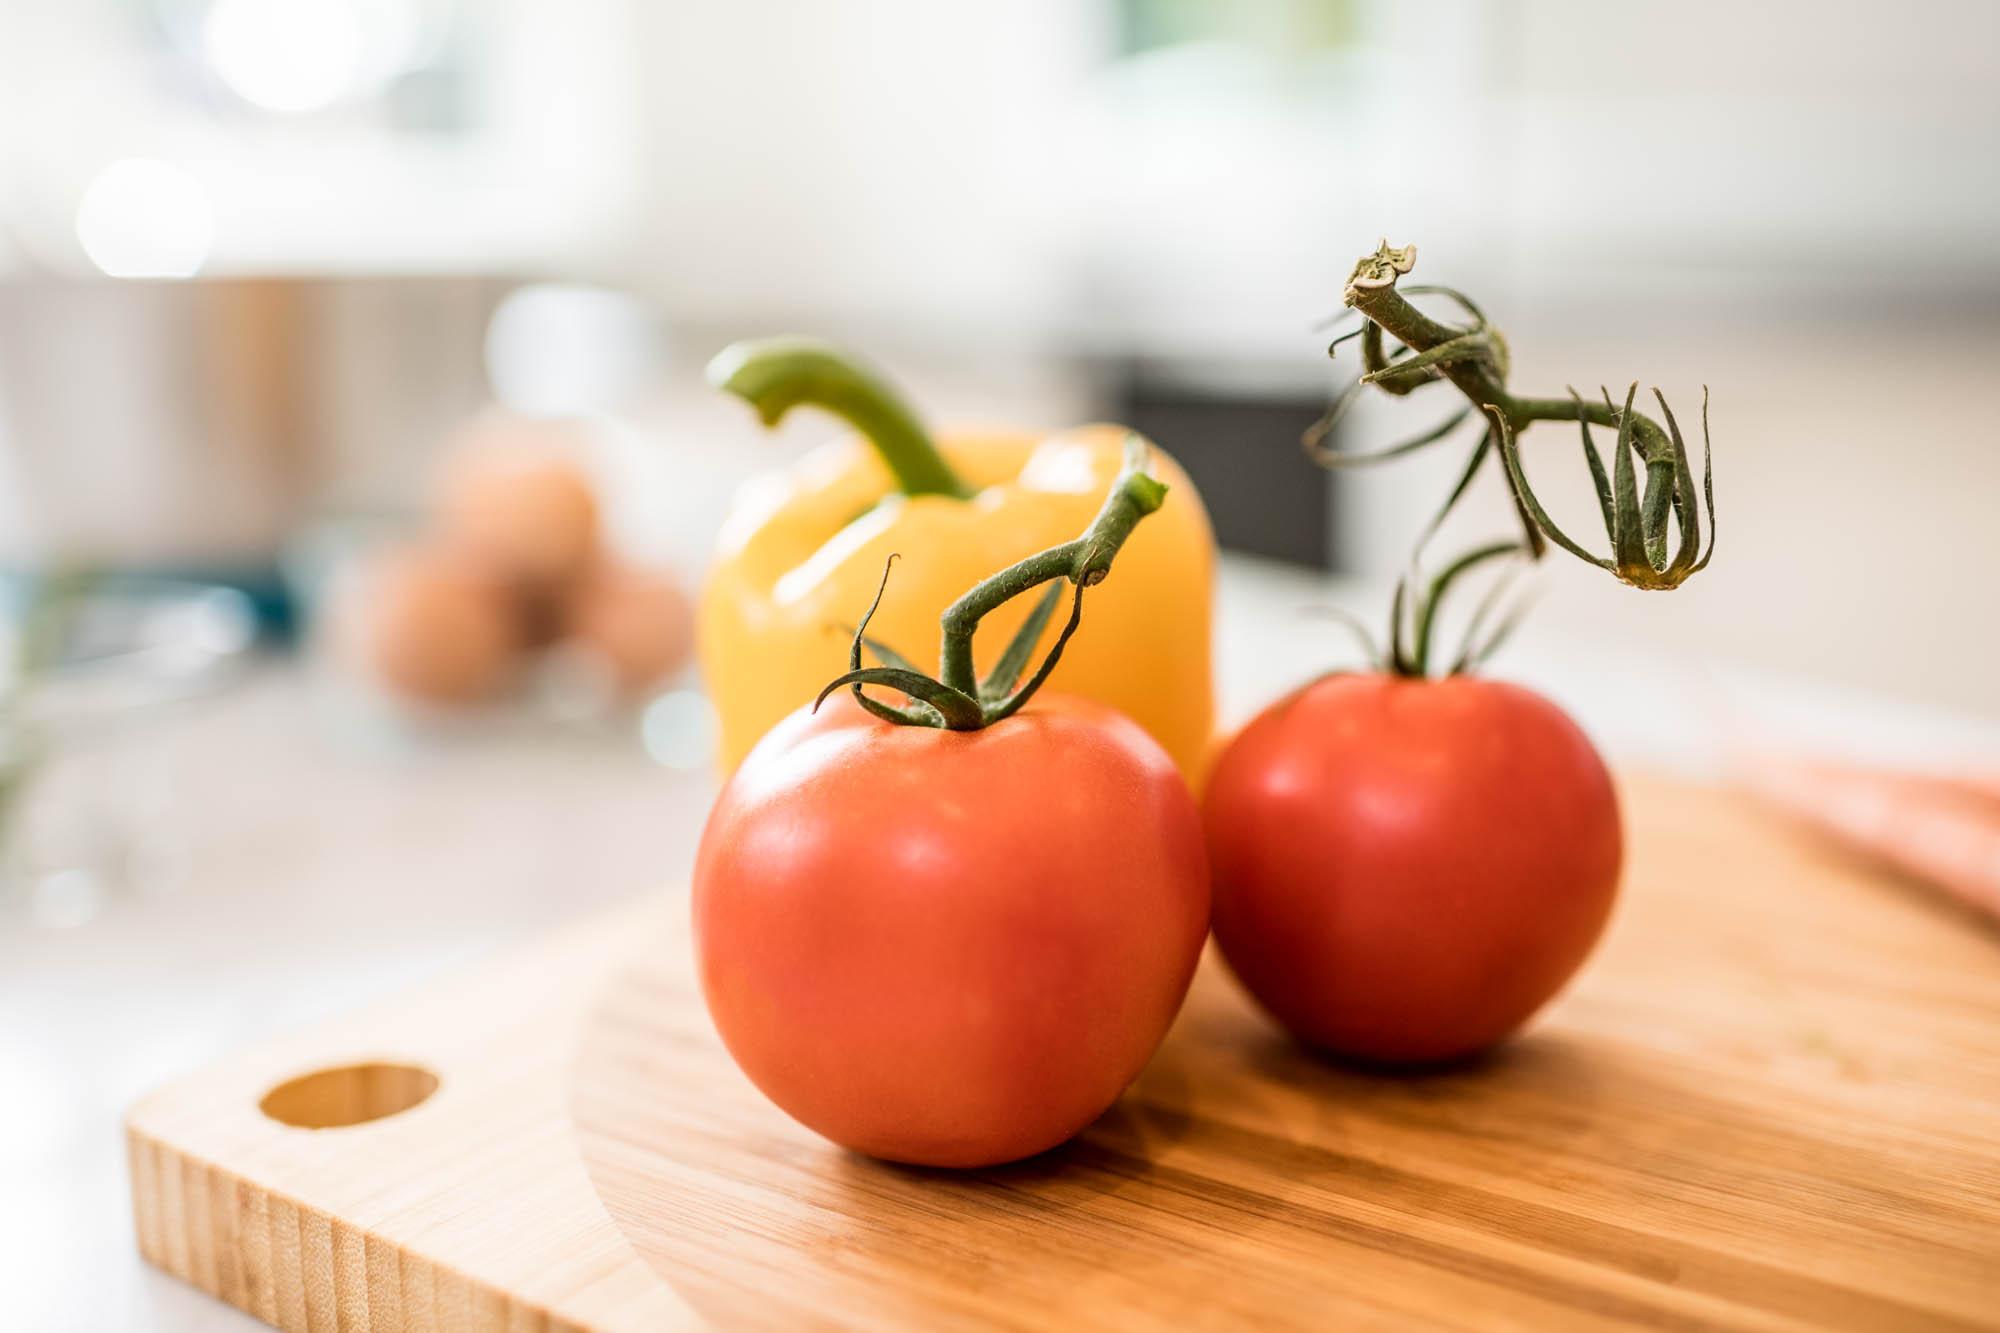 Tomatoes-Jordan-Reeder.jpg